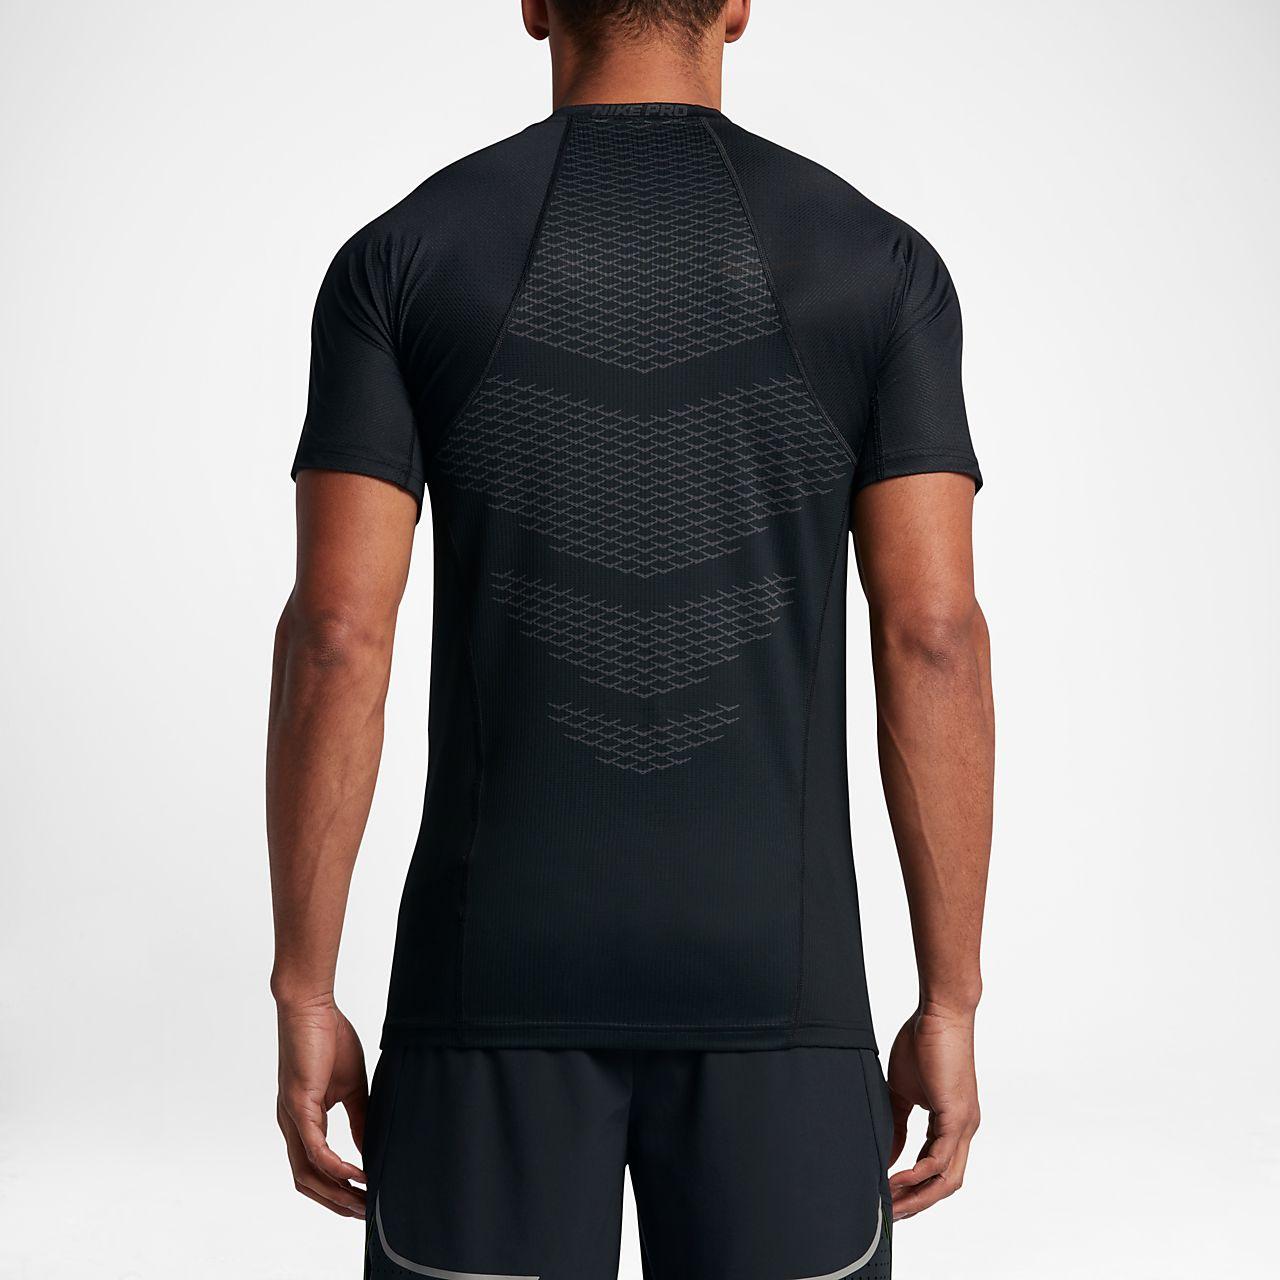 Haut à manches courtes Nike Pro HyperCool pour Homme